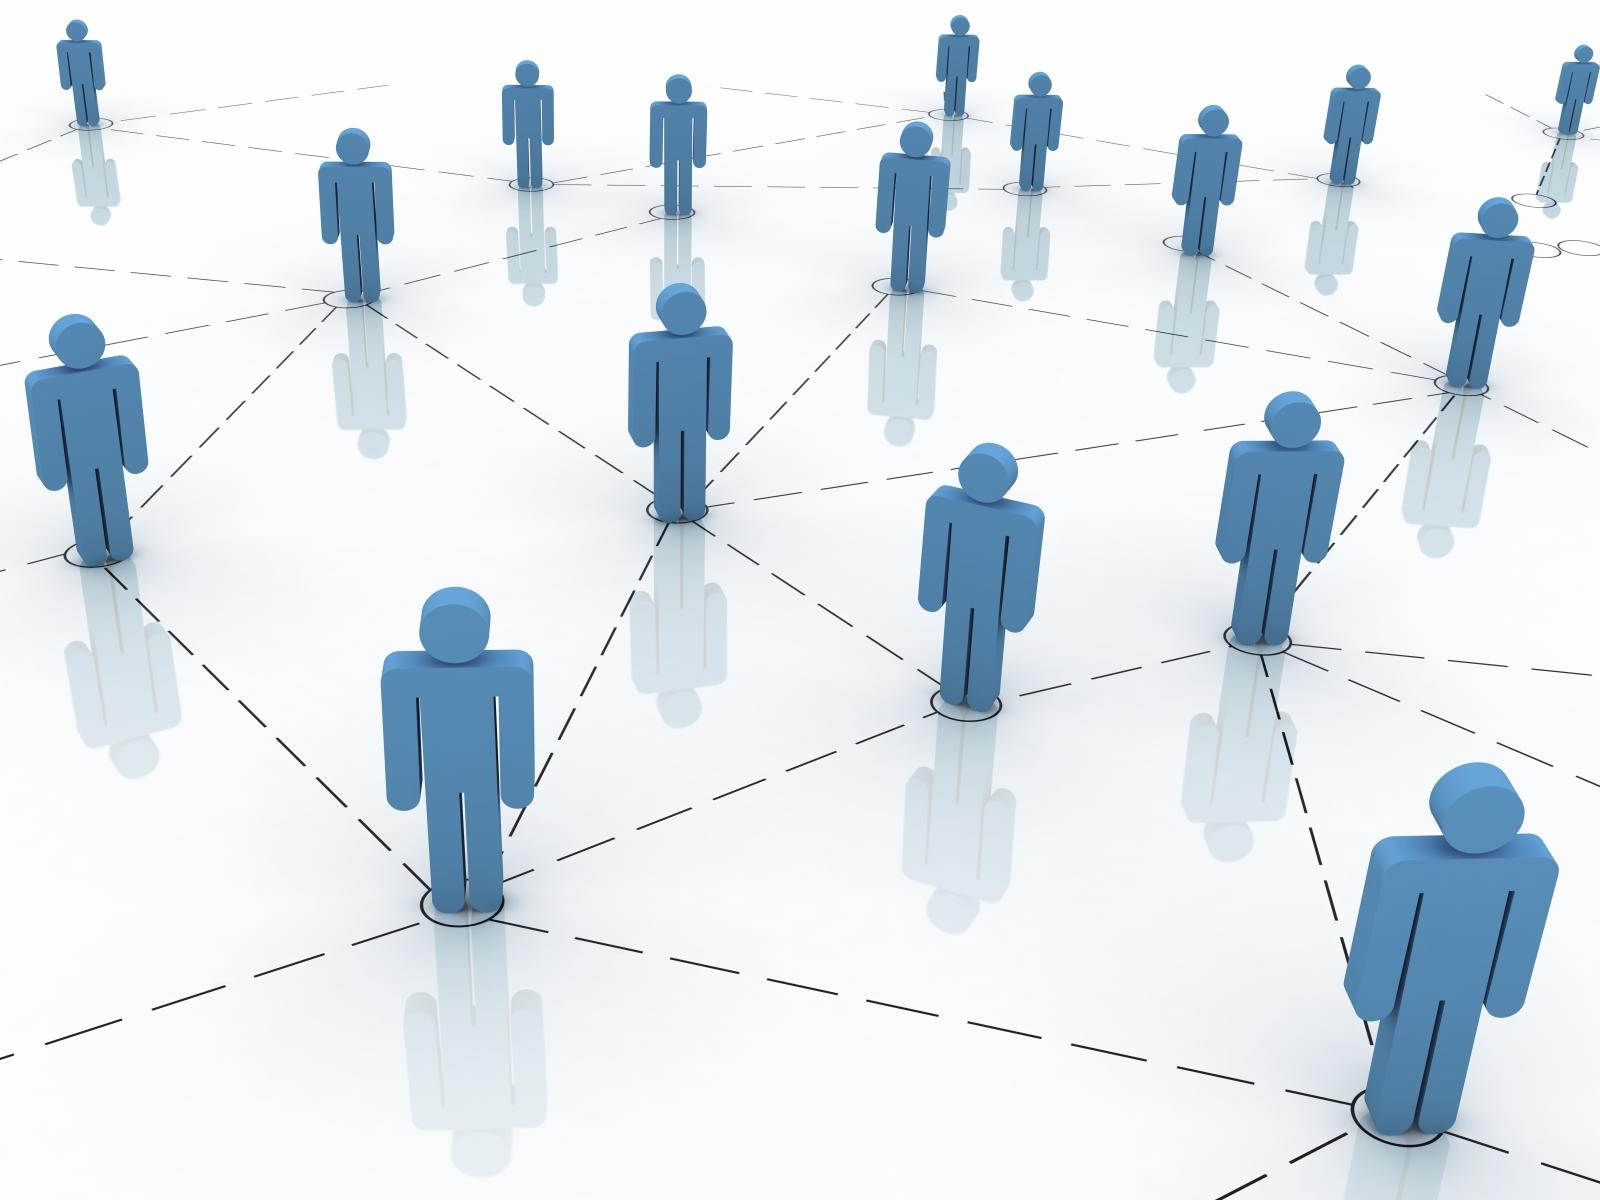 Sociální sítě vám umožní být chytřejší